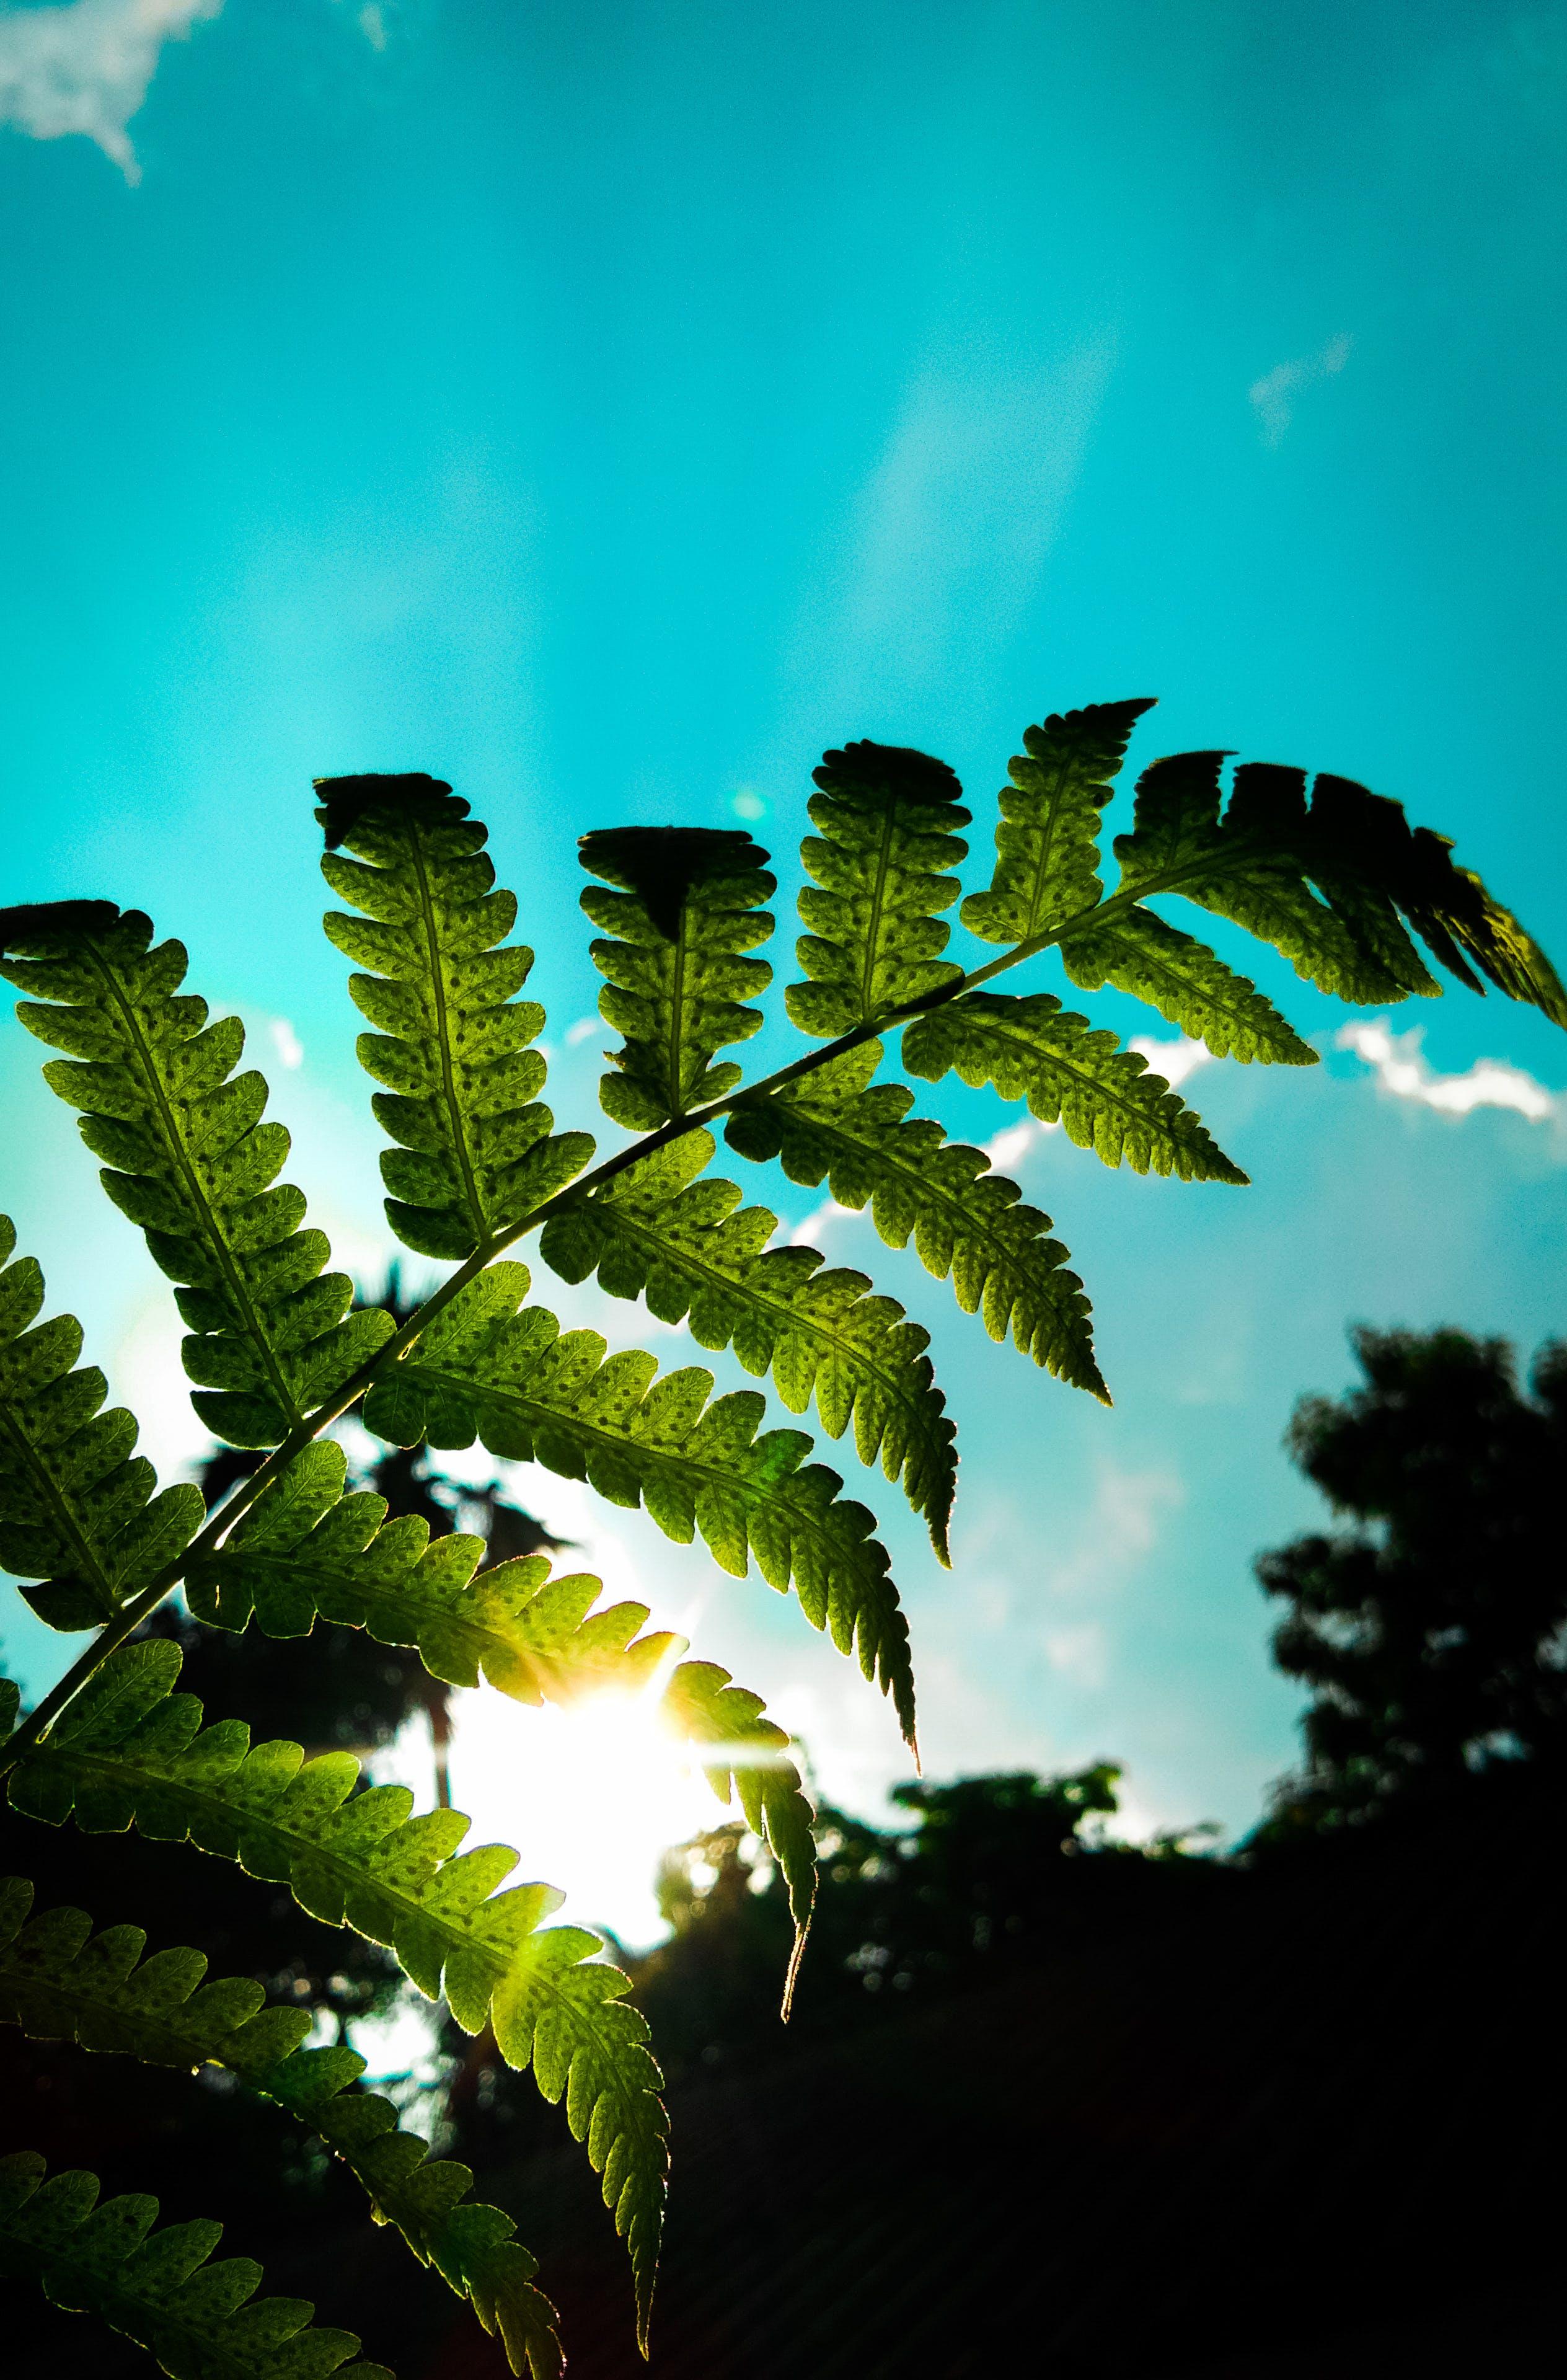 Δωρεάν στοκ φωτογραφιών με ακτίνα ήλιου, γαλάζιος ουρανός, ζωή στη φύση, ηλιαχτίδα